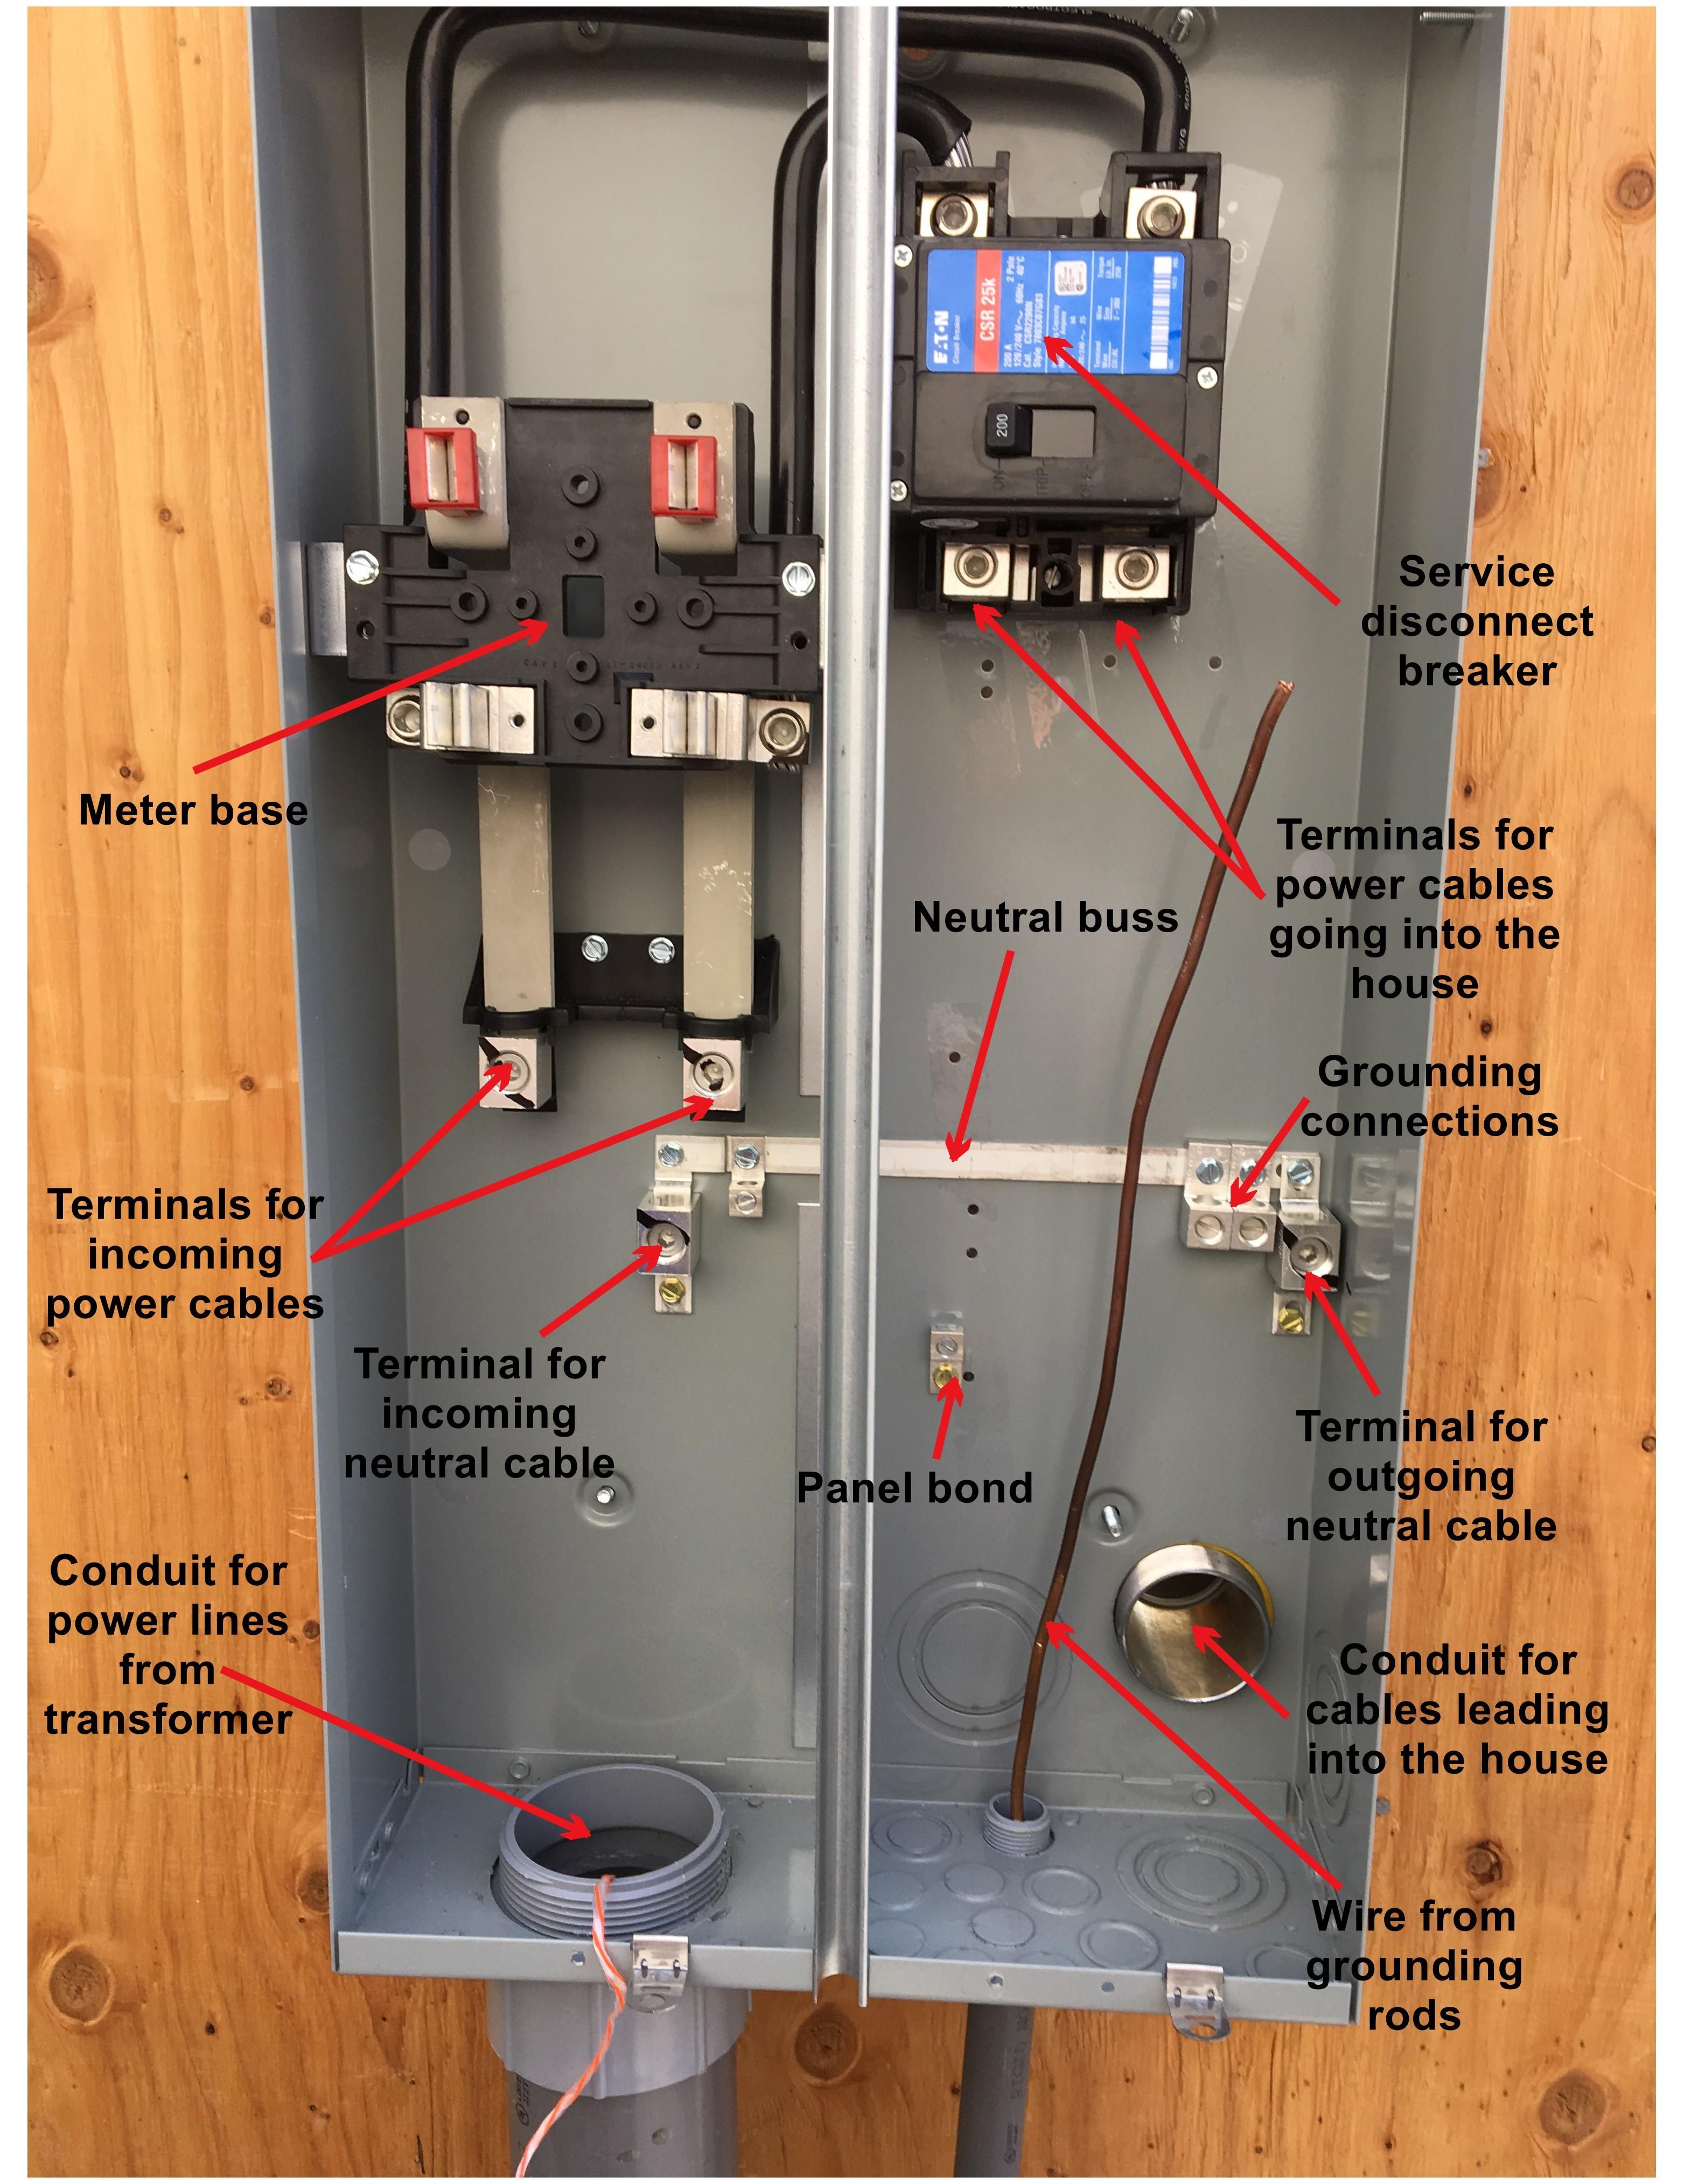 200 Amp Meter Base Wiring Diagram.200 Amp Meter Base Wiring Diagram Wiring Diagram